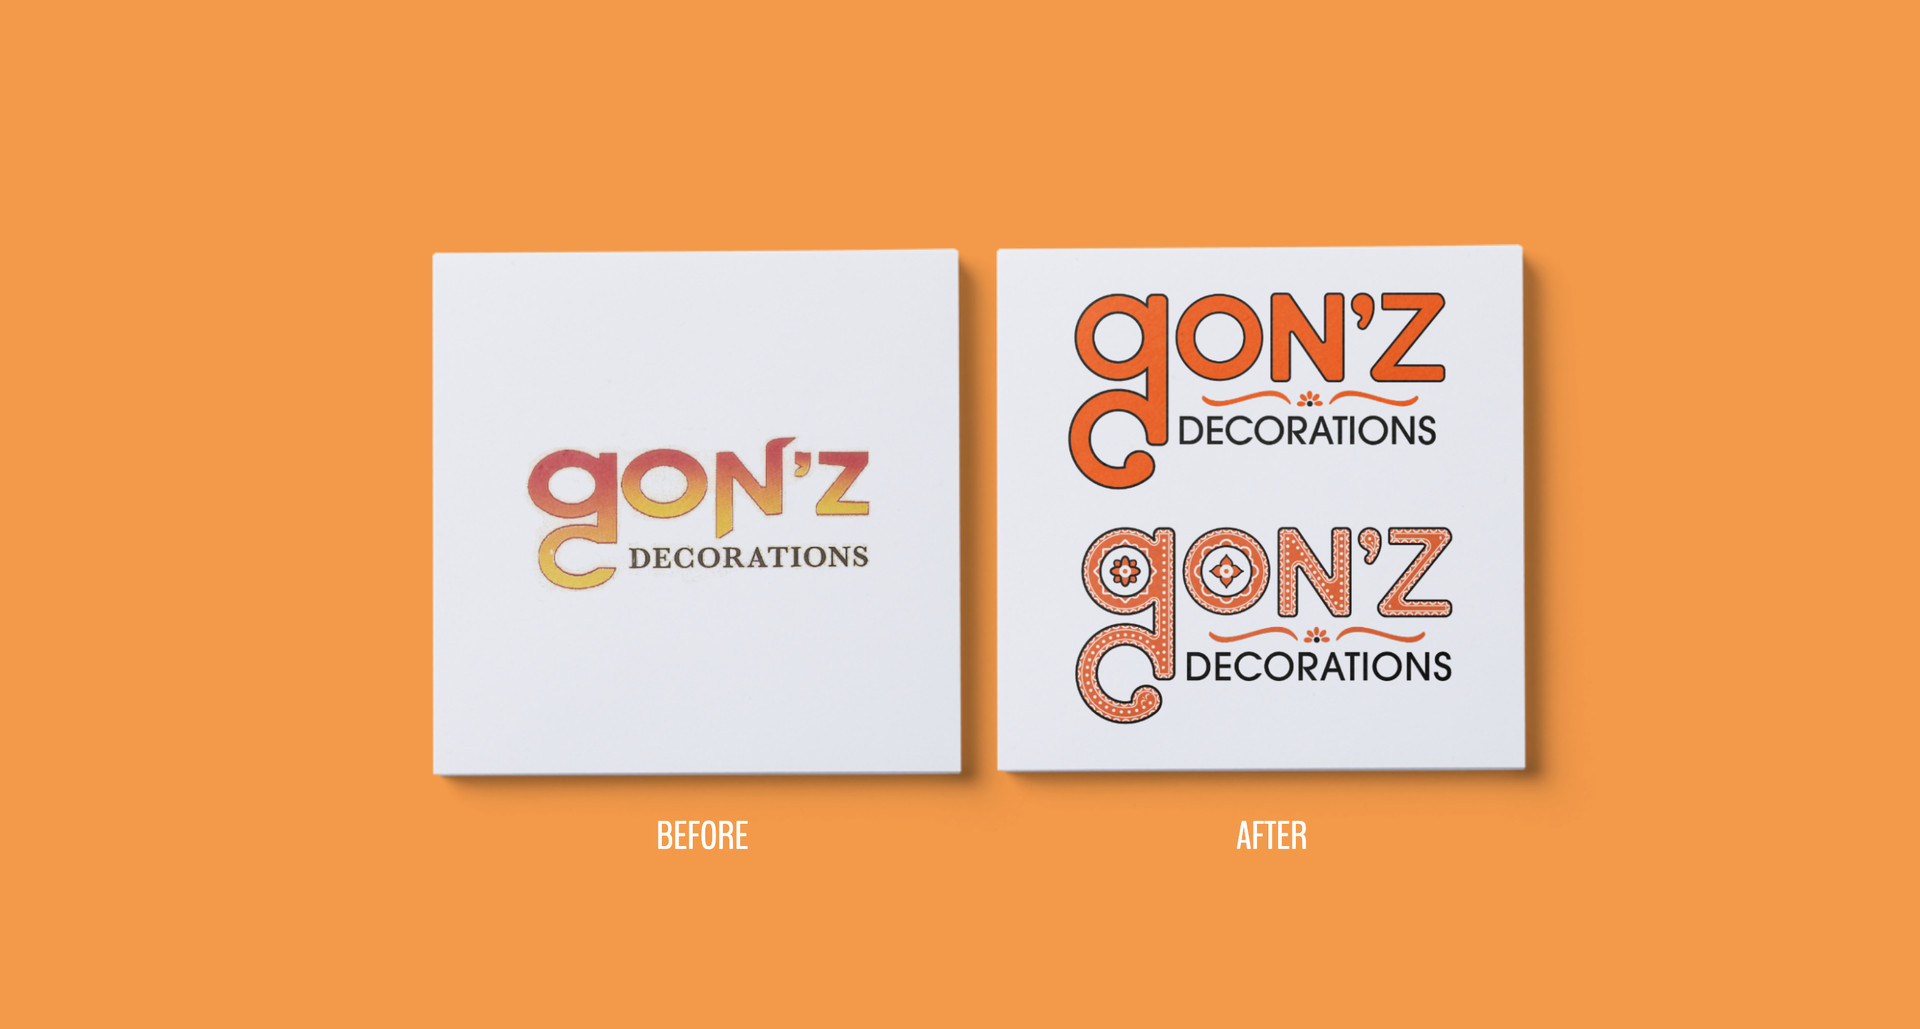 Gon'z